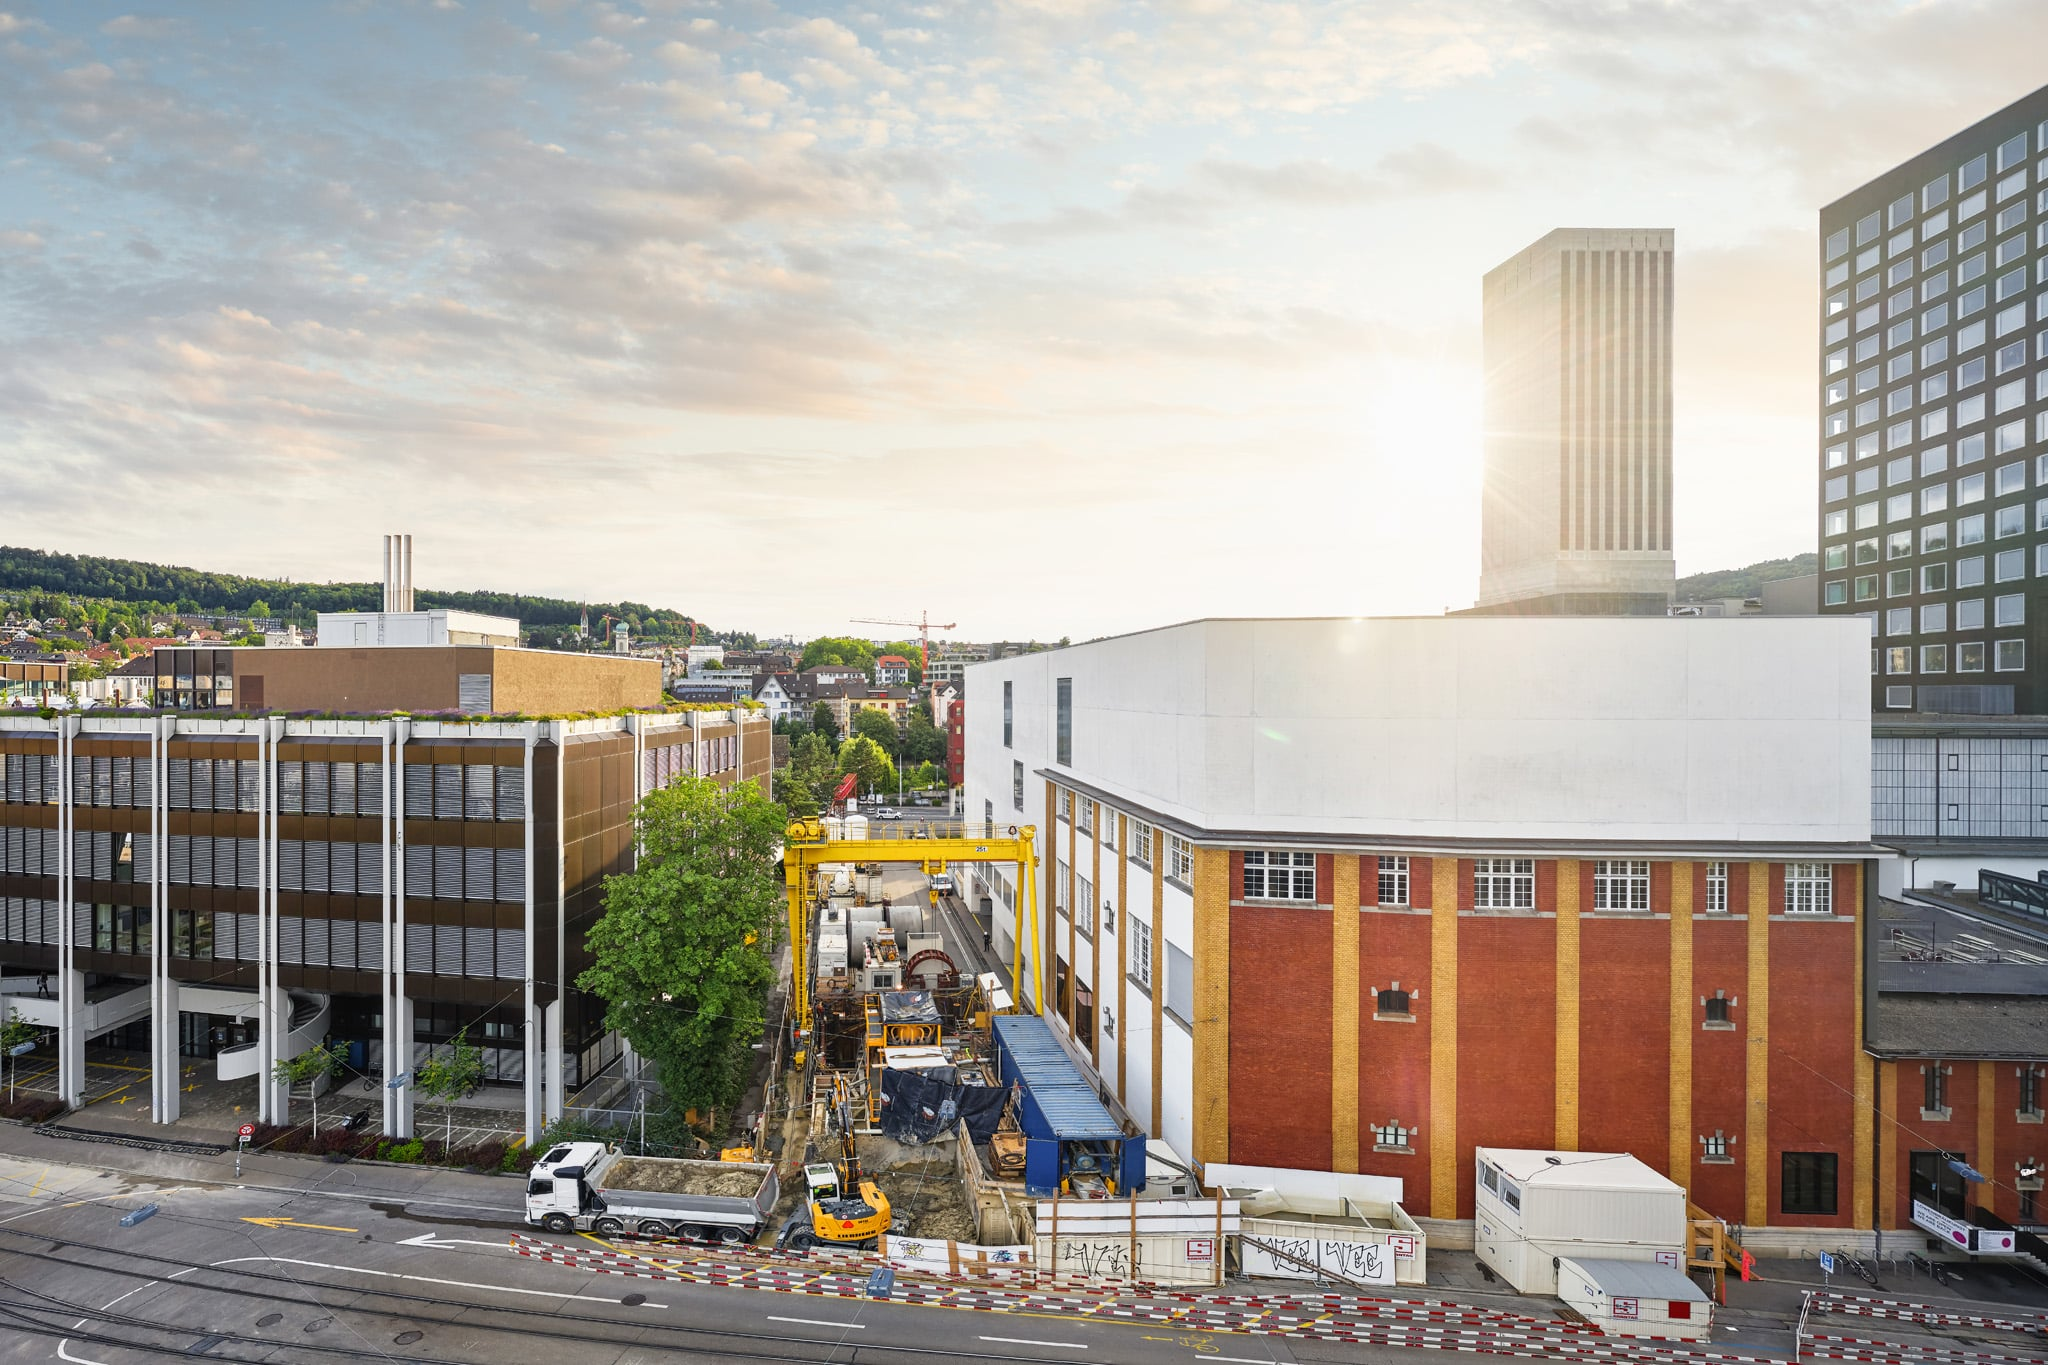 Sonntag Bau AG - Fernwärme Projekt Zürich - Microtunneling - Baustelle Gerstenstrasse mit Startschacht und der Separierungsanlage für den Aushub